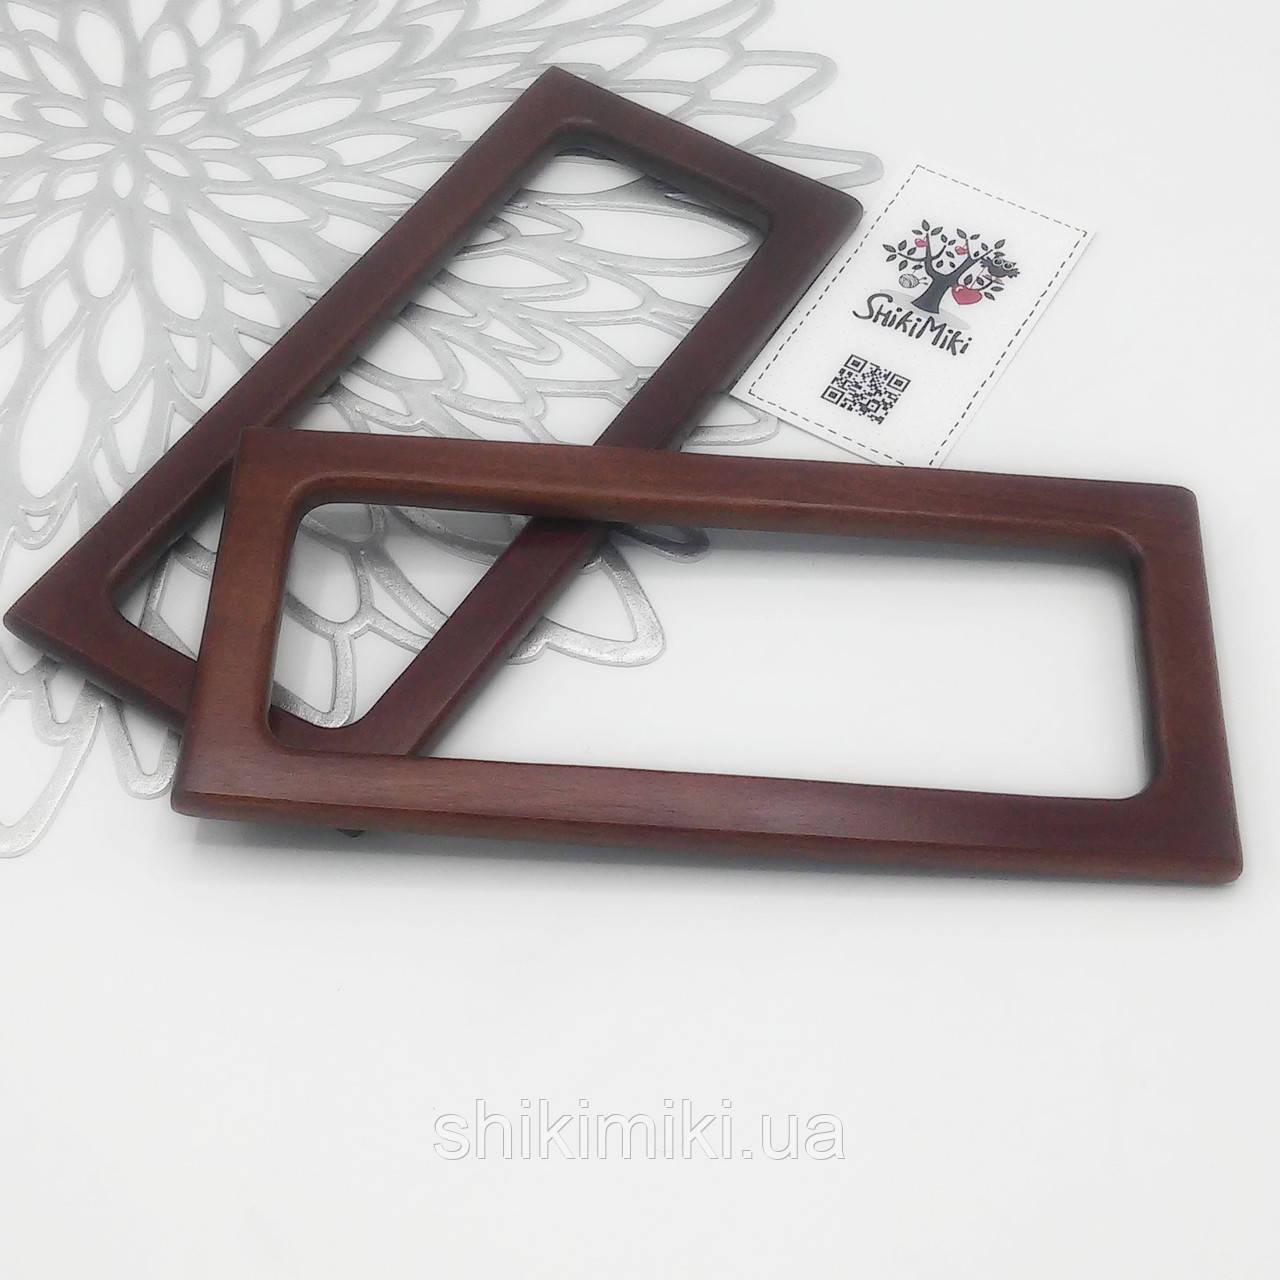 Ручки для сумок деревянные прямоугольные темно коричневые